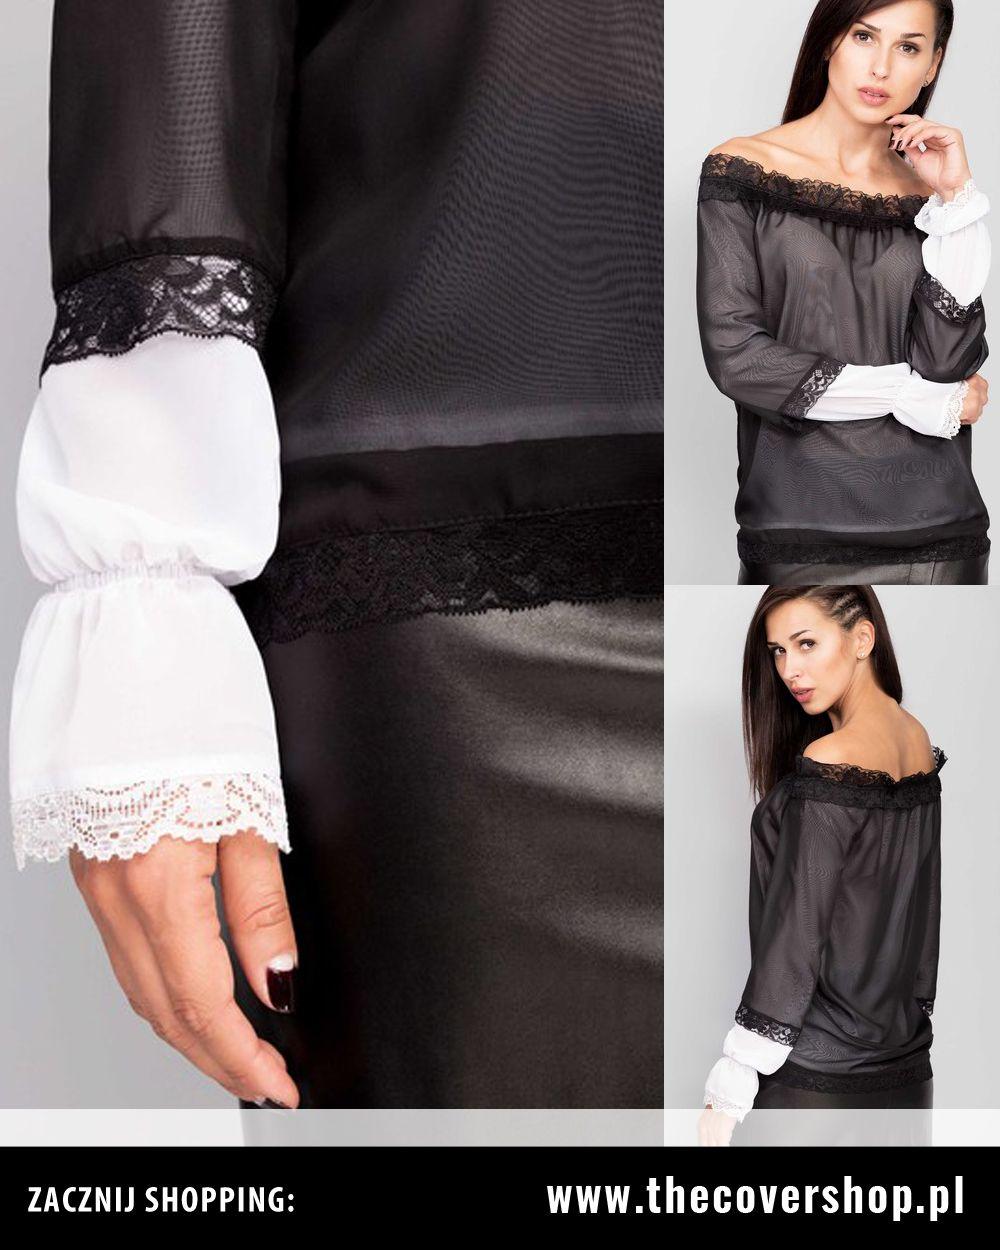 b0d66ed2afb0f8 Bluzka szyfonowa czarno-biały | Koszule | Odzież, Moda damska